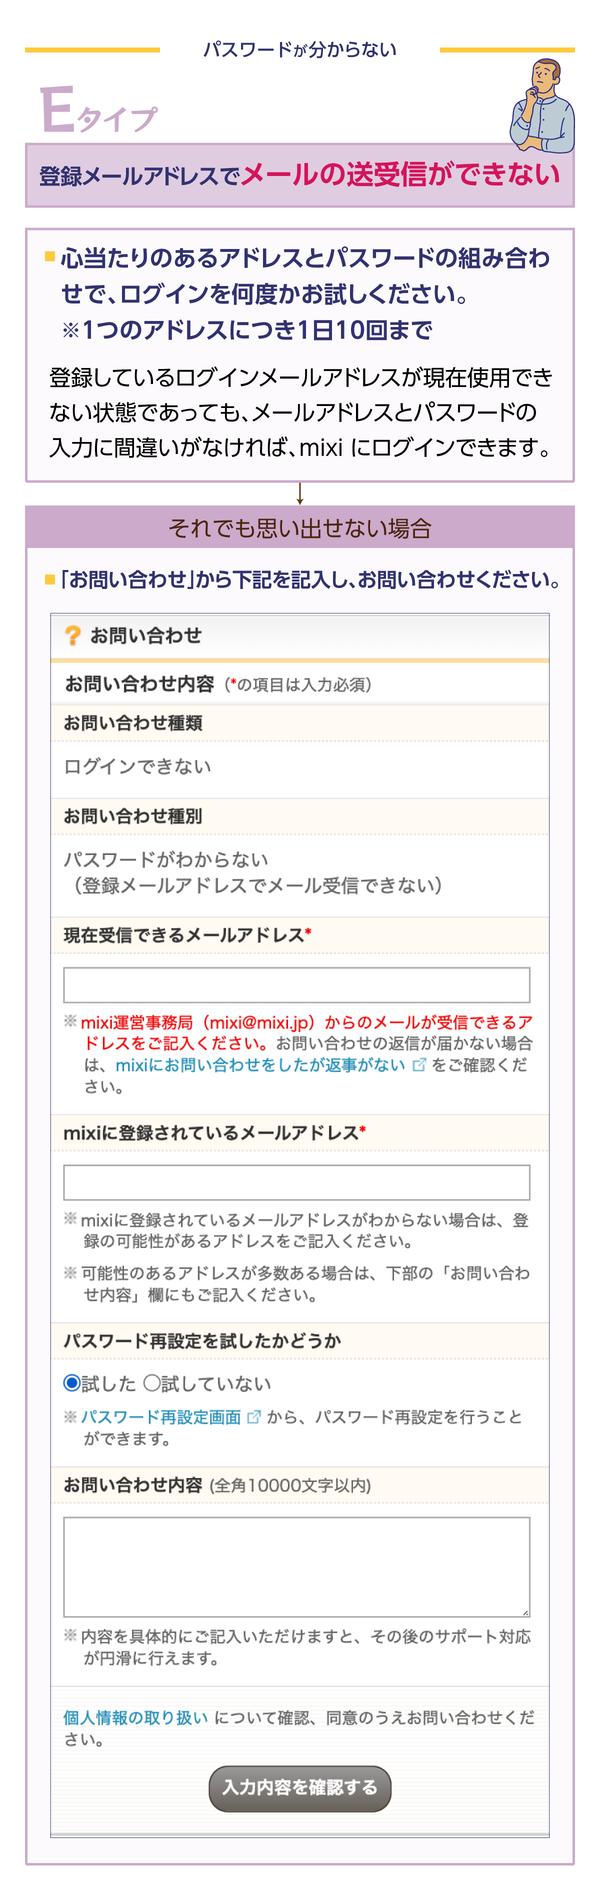 心当たりのあるアドレスと パスワードの組み合わせで ログインを何度かお試しください。(1つのアドレスにつき、1日10回まで試せます)   (登録している ログインメールアドレス でメールが送受信できない状態であっても、メールアドレス と パスワード の入力に間違いがなければ、mixi にログインできます)   それでも ログイン できなかったら、お問い合わせページ から、「ログインできない」「パスワードがわからない」 などを選び、お問い合わせください。